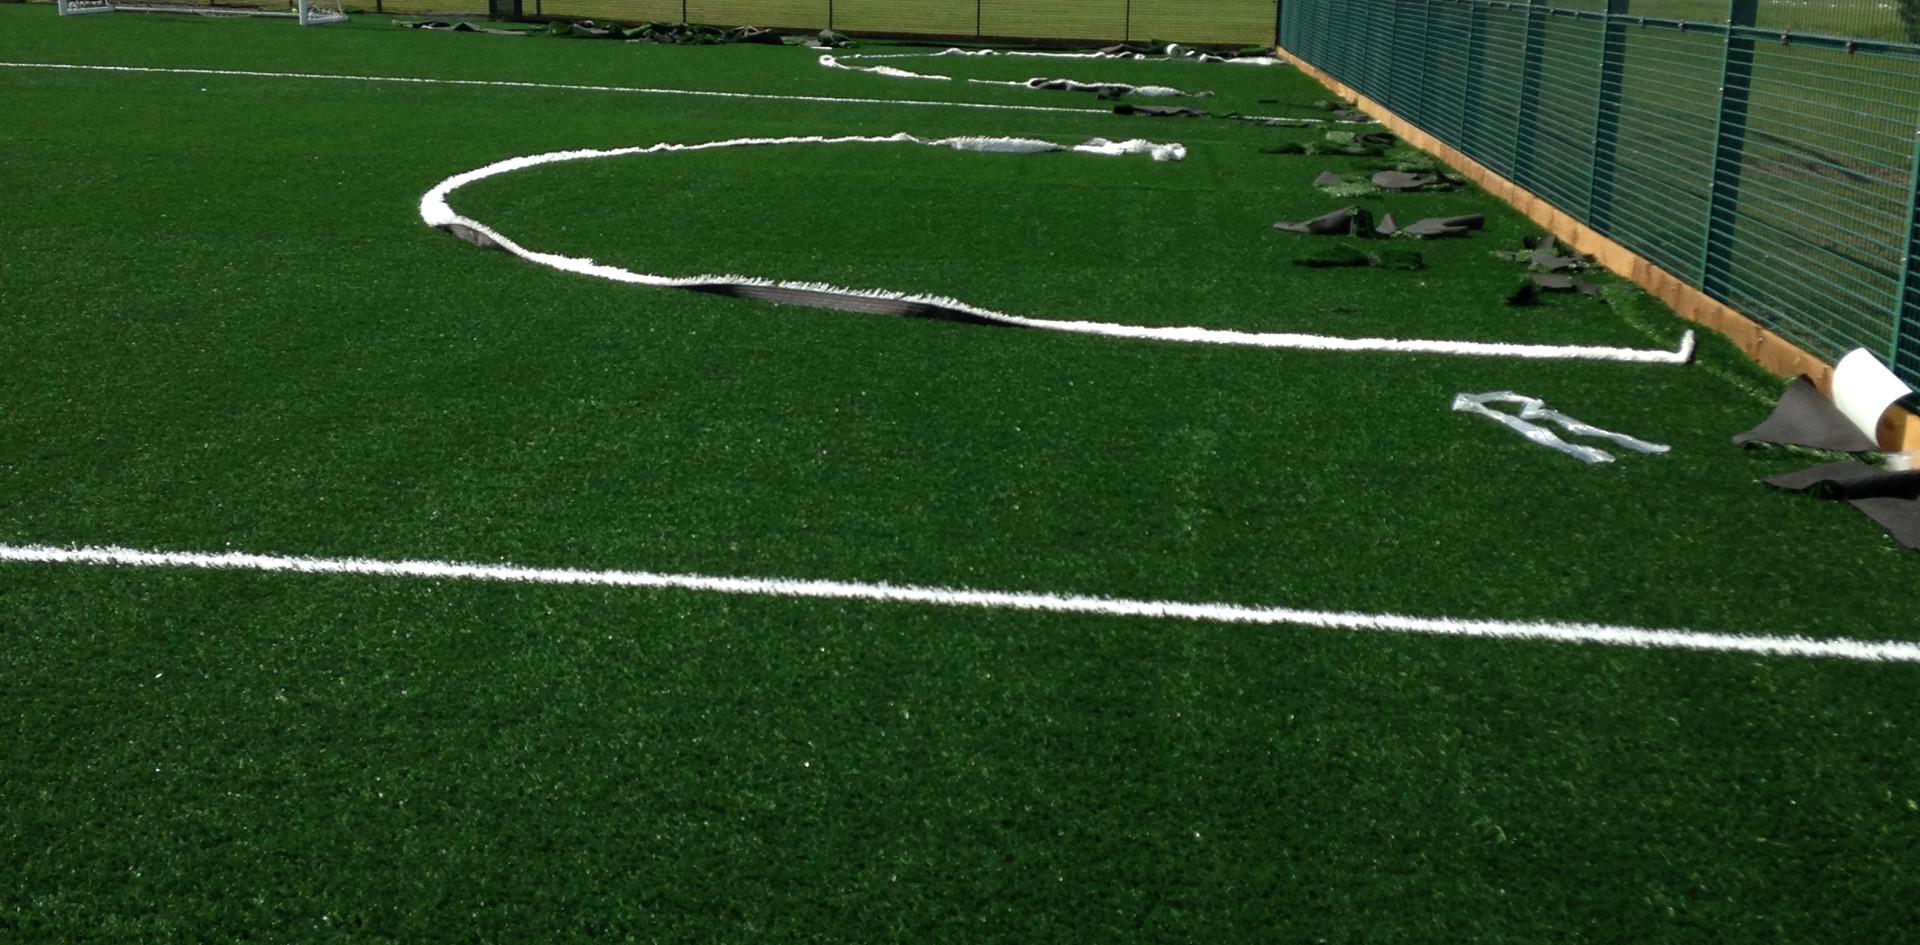 3G artificial grass 29.JPG